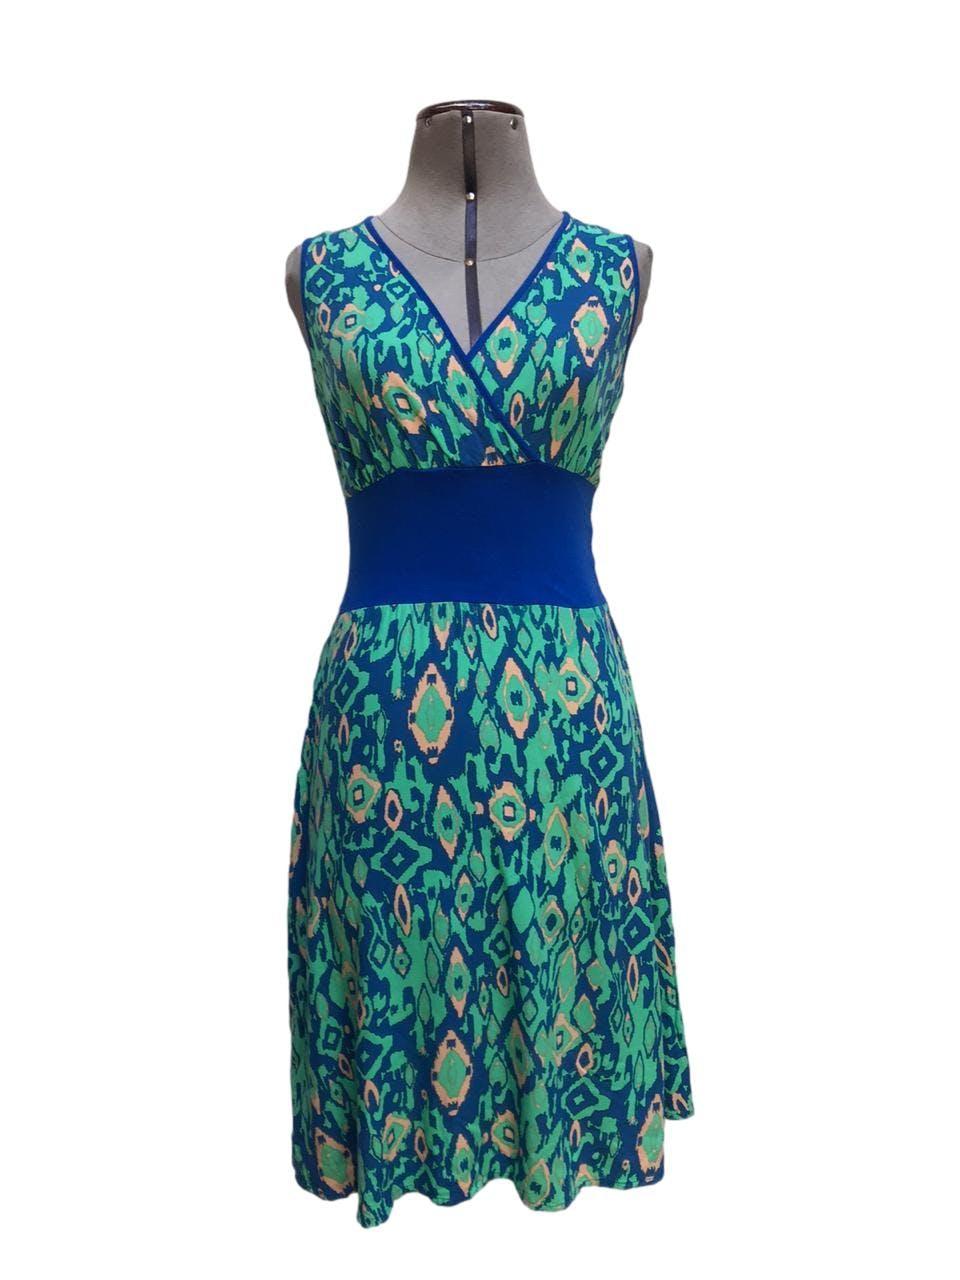 Vestido azul con estampado tipo rombos verde agua, escote cruzado, pretina ancha azul en la cintura Talla S